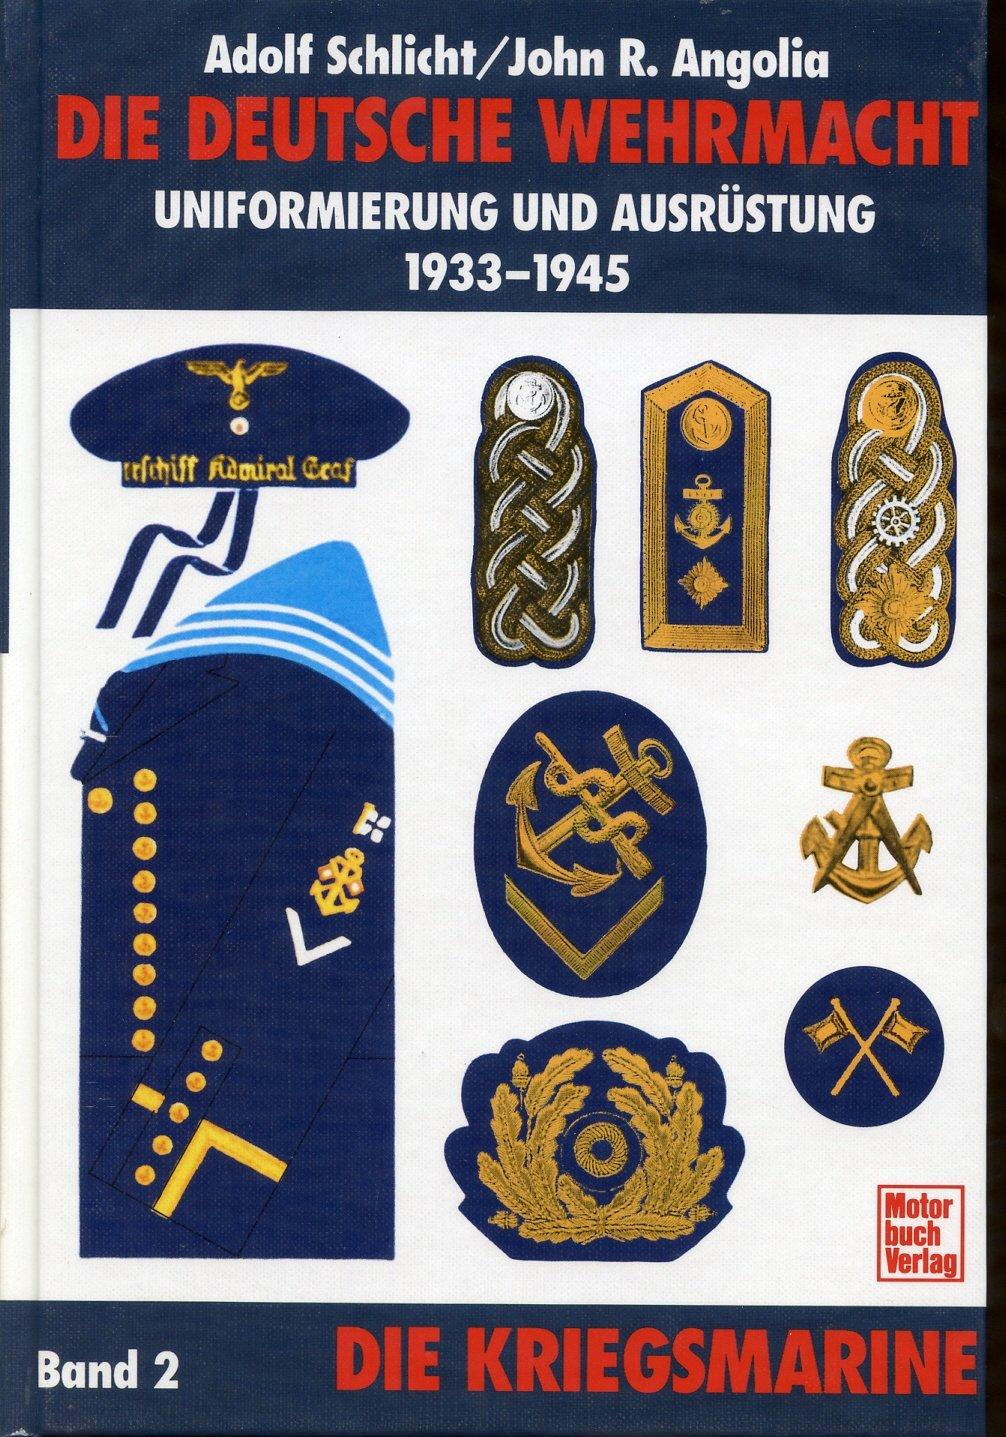 Die deutsche Wehrmacht - Uniformierung und Ausrüstung 1933-1945, Band 2: Die Kriegsmarine